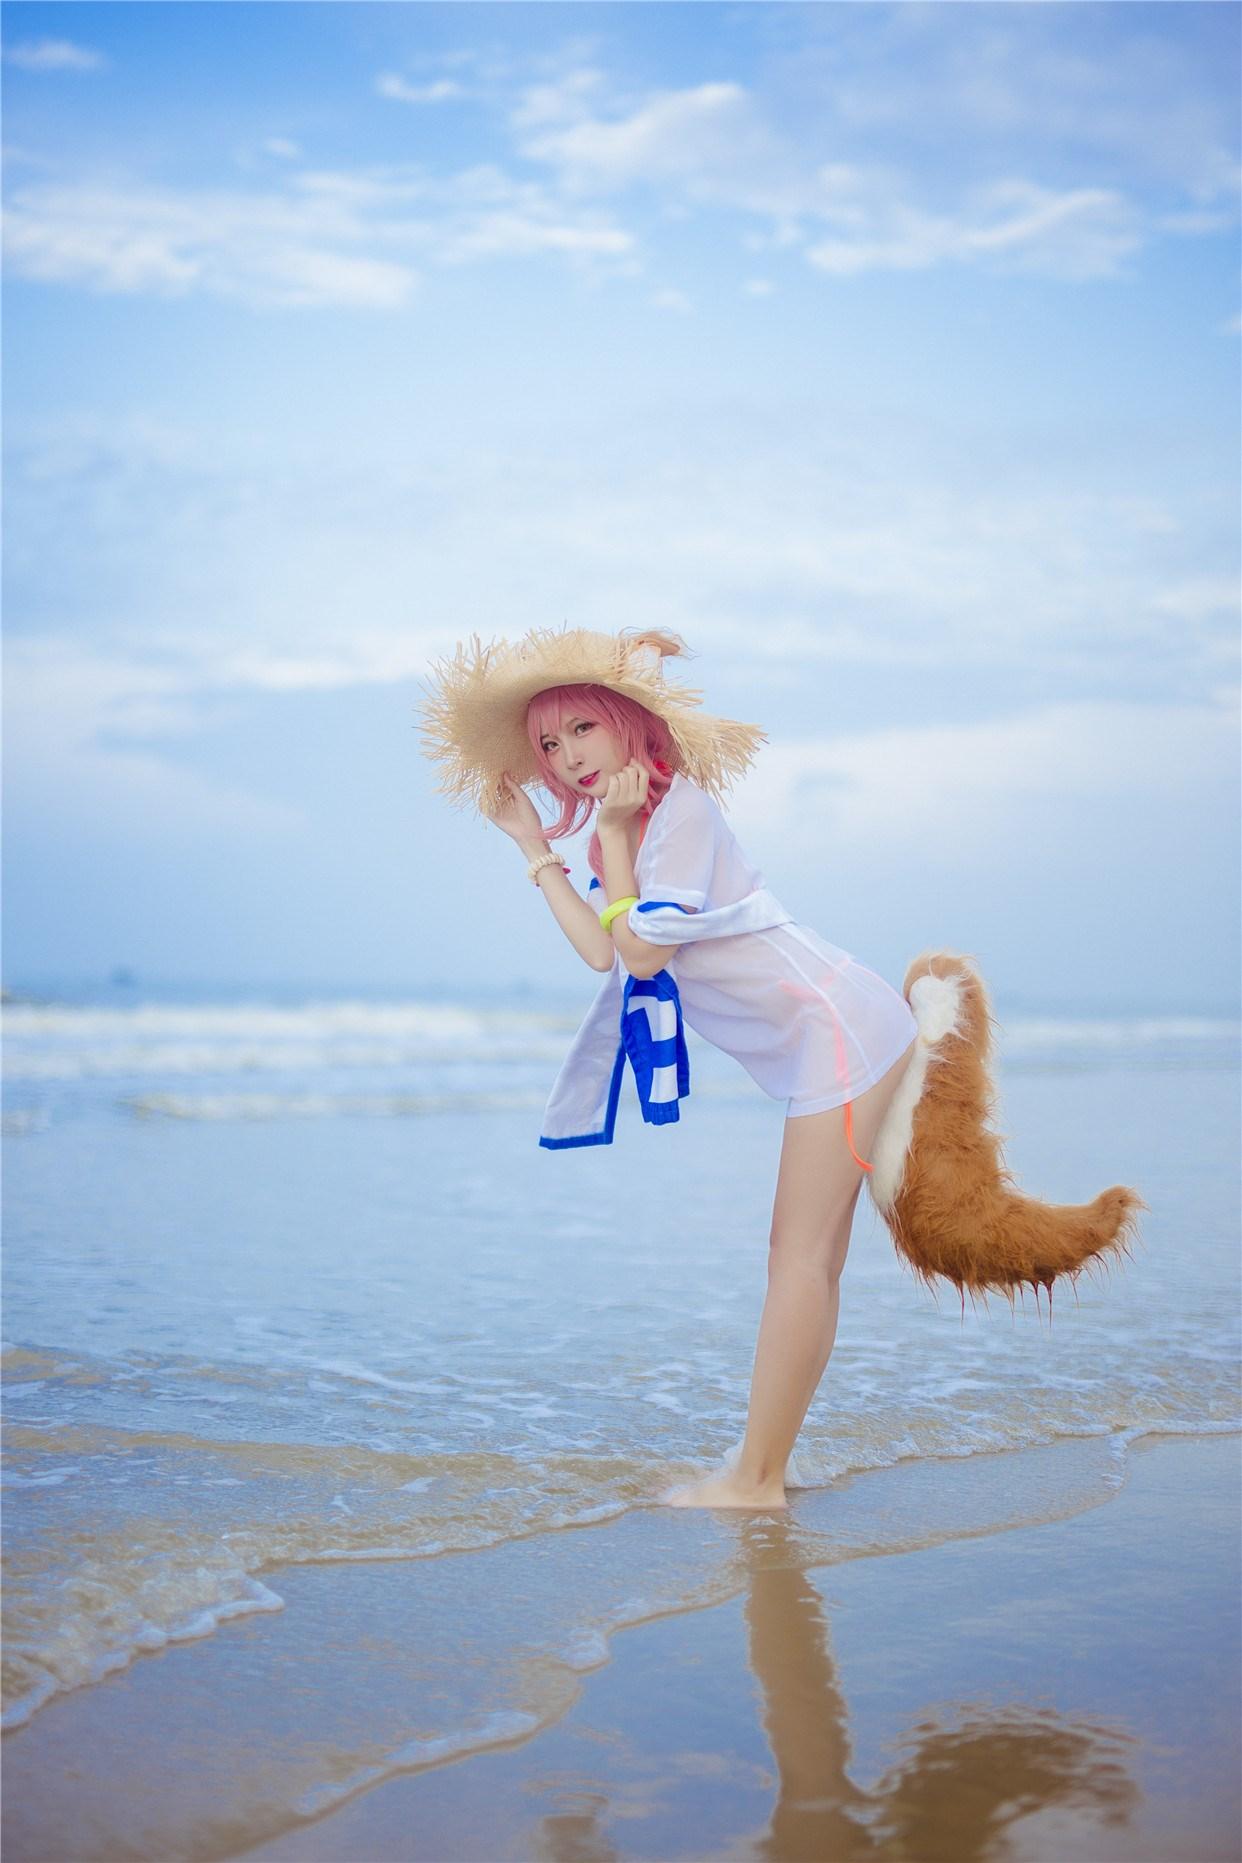 【兔玩映画】和玉藻前一起去海边啦! 兔玩映画 第25张